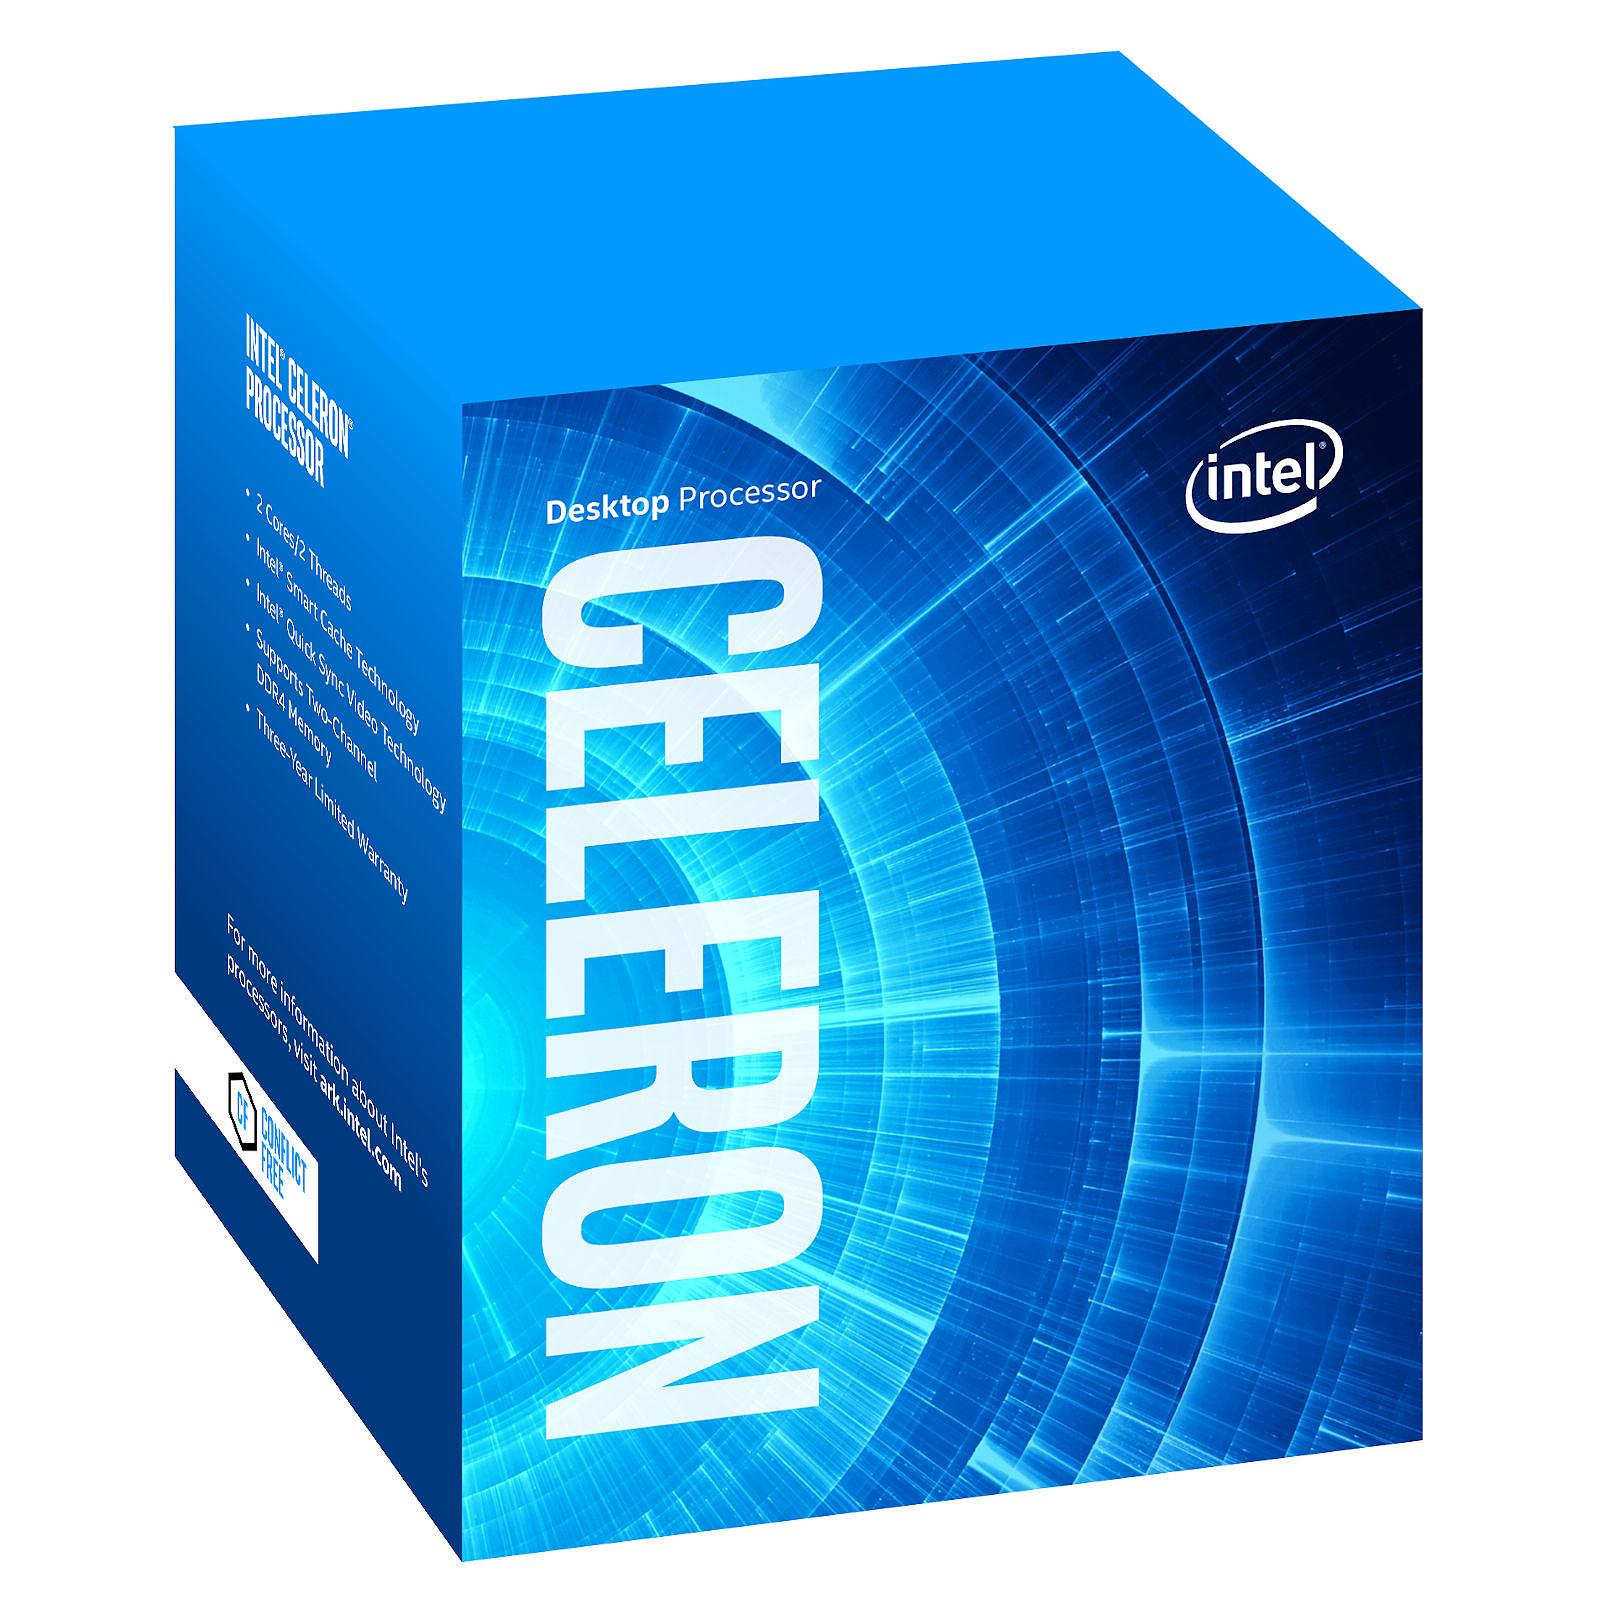 Intel Celeron G5920 (3.5 GHz)